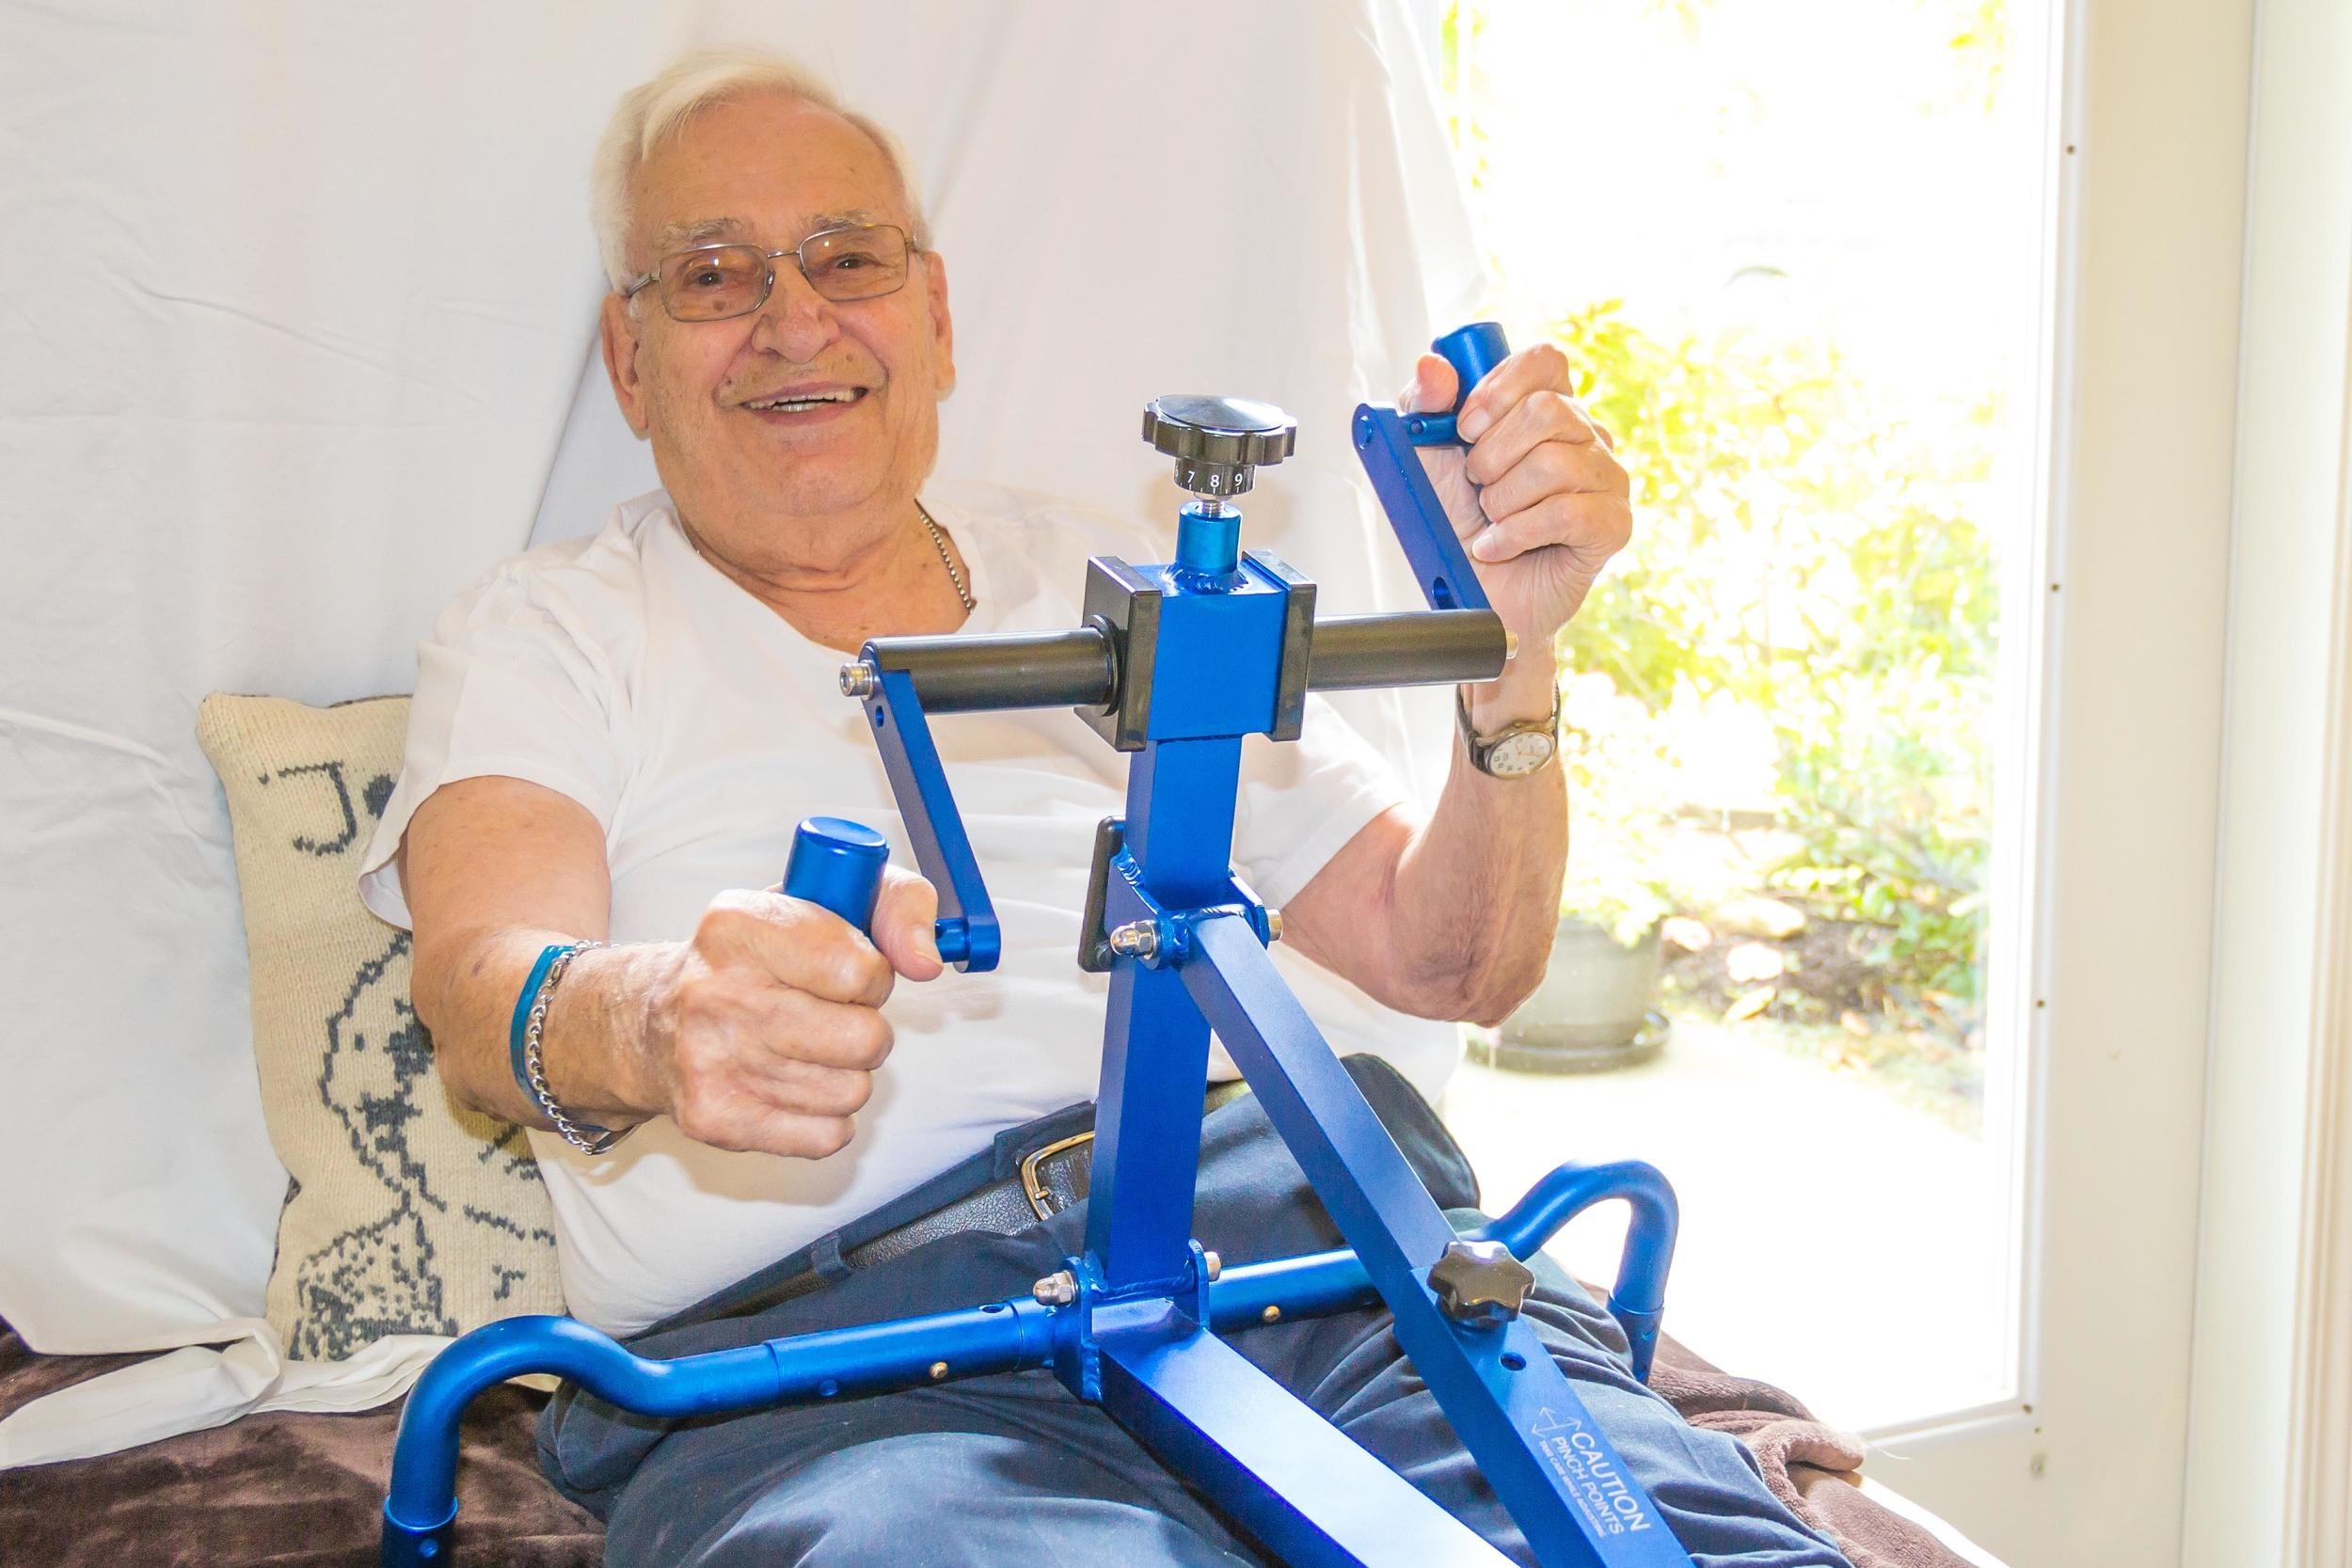 Senior using BedBike, a portable arm ergometer